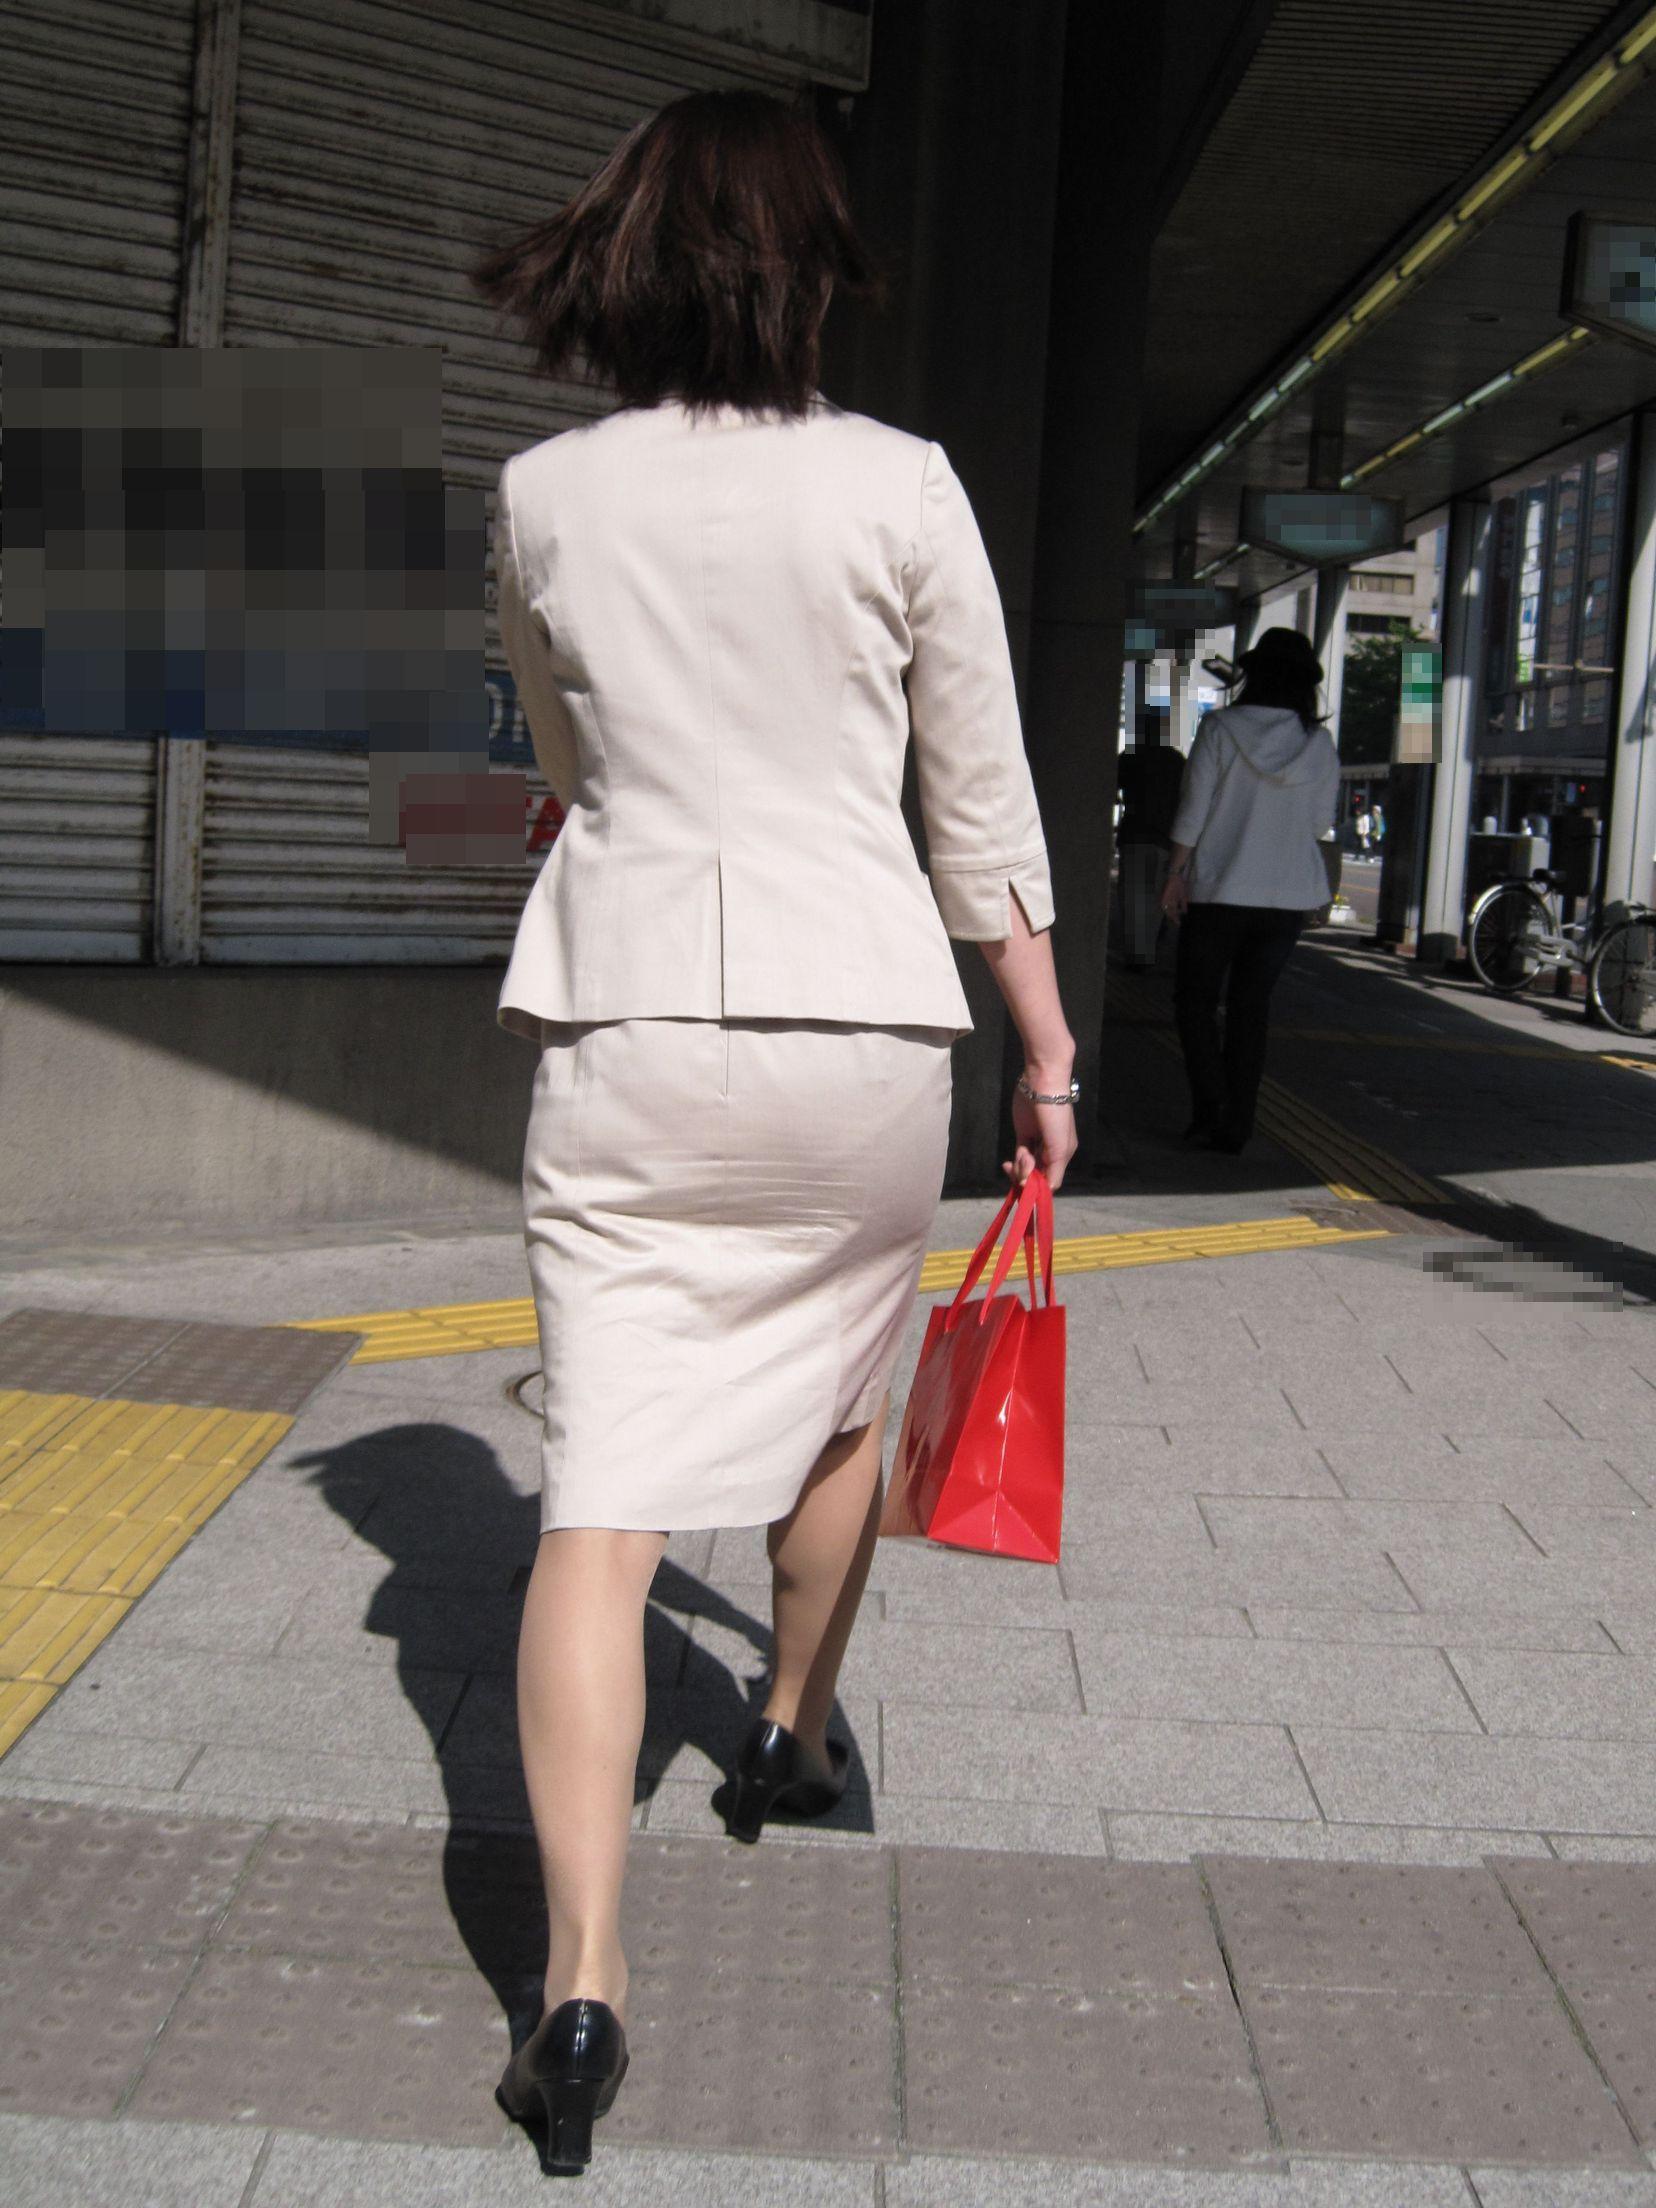 【街撮りOL画像】思わず追跡したwwwタイトスカートに包まれたムチムチ尻 06